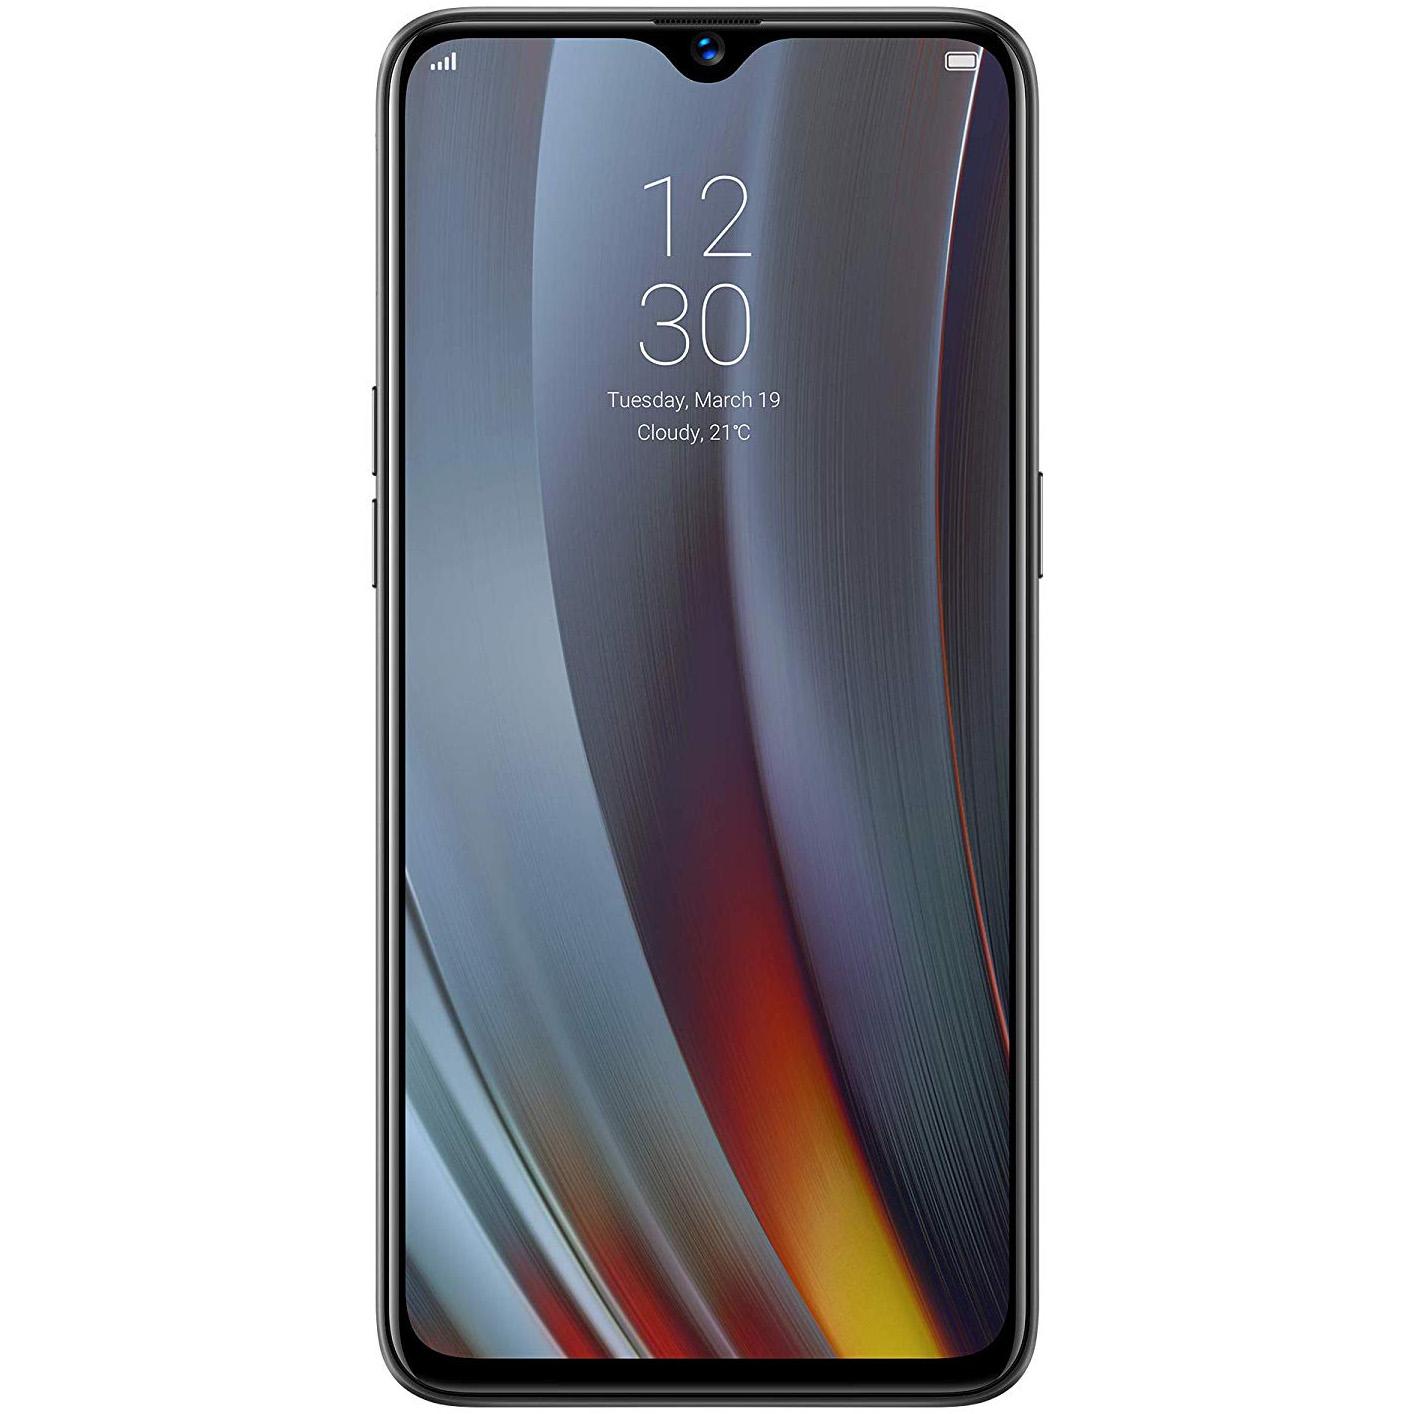 Telefon mobil Realme 3 Pro, Dual SIM, 128GB, 4GB RAM, 4G, Carbon Gray